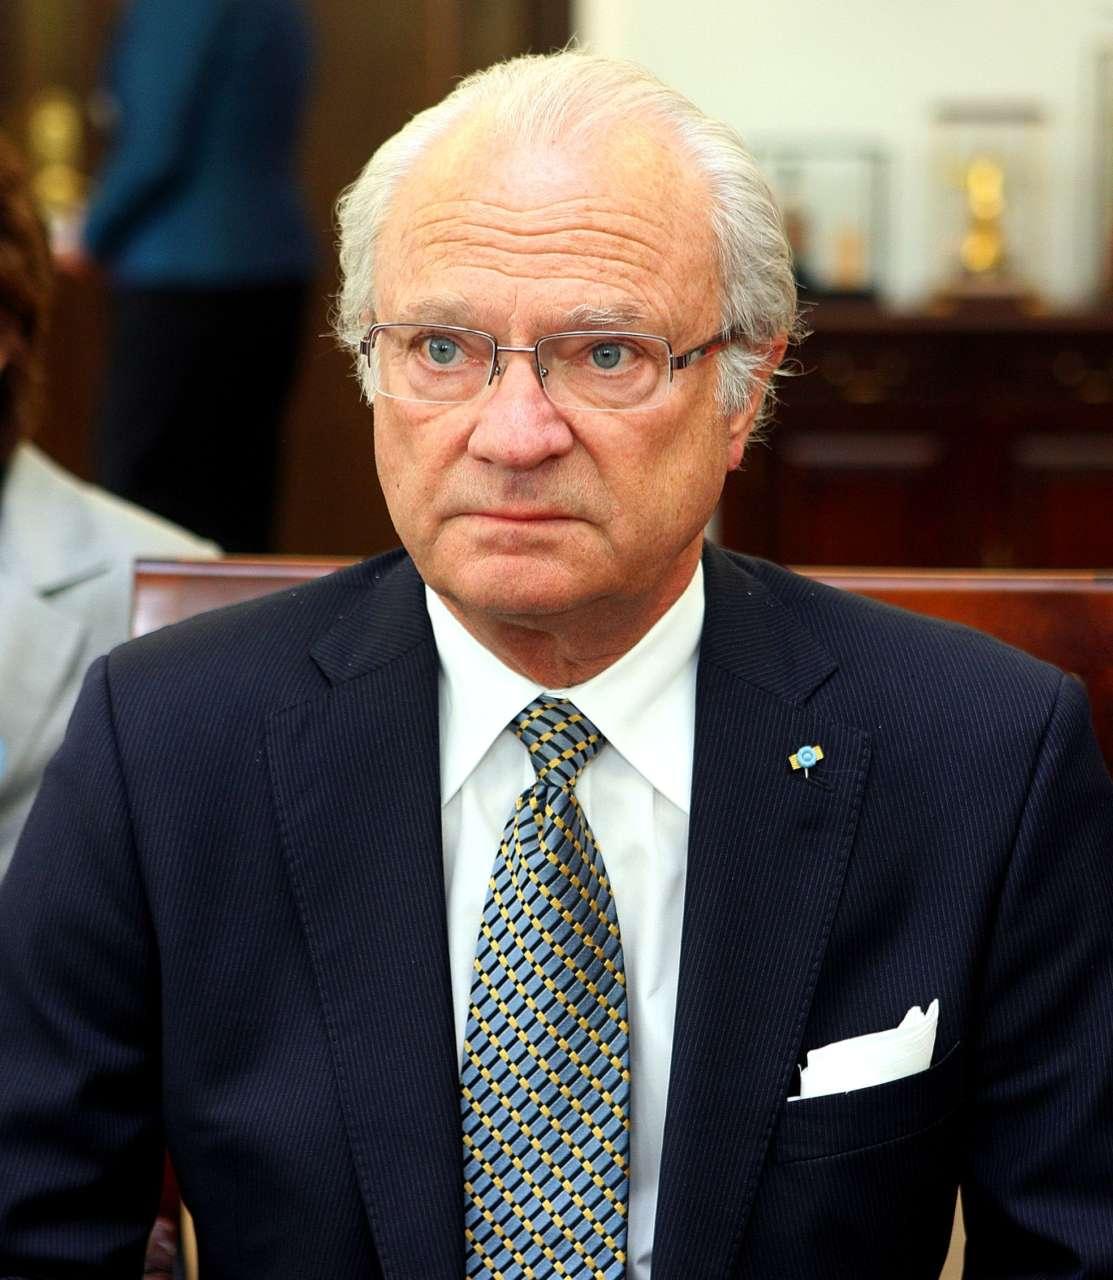 Carl XVI Gustaf of Sweden father